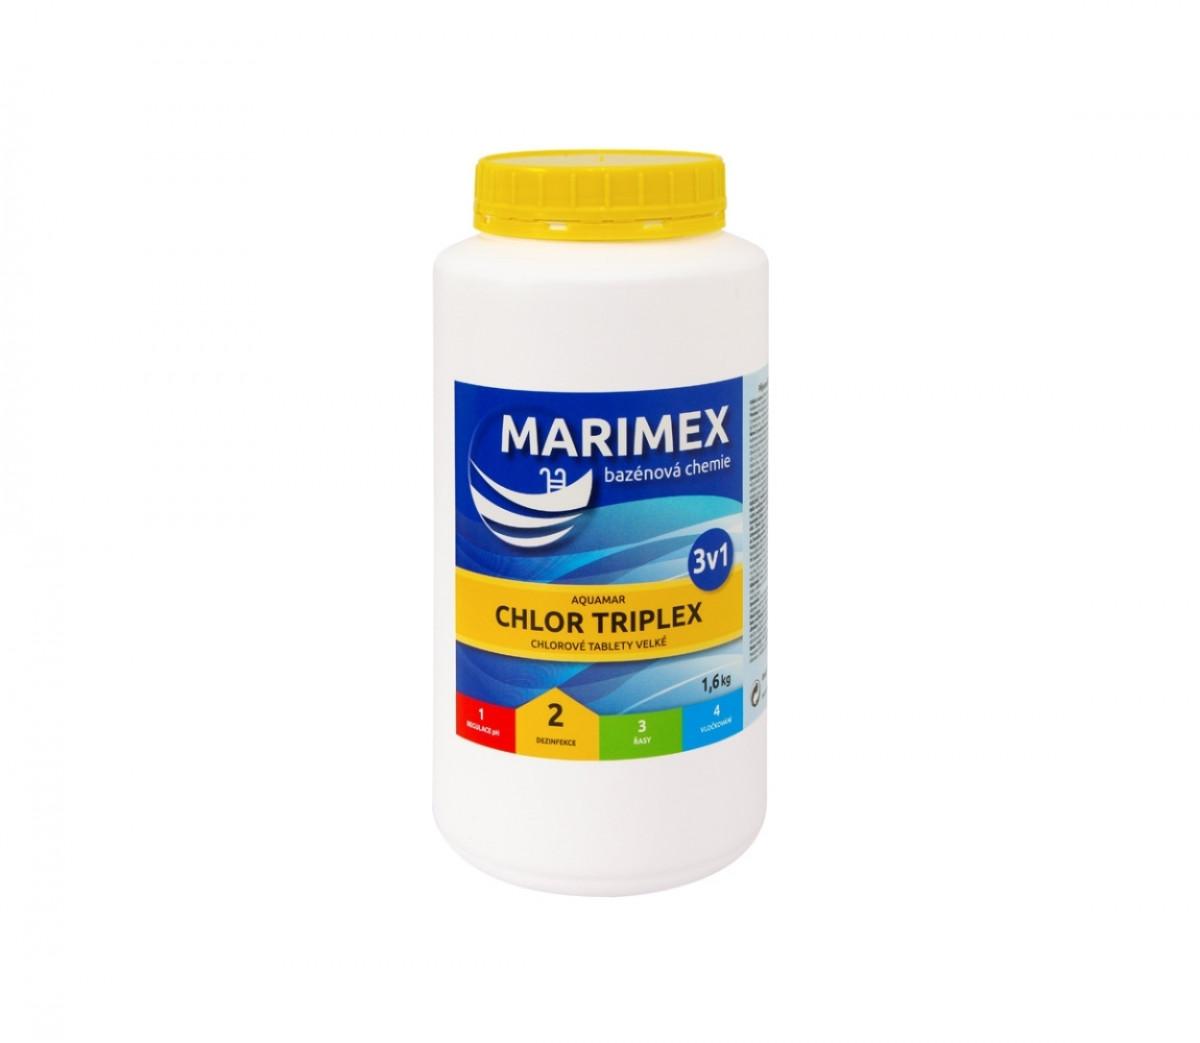 Marimex | Marimex Chlor Triplex 1,6 kg | 11301205